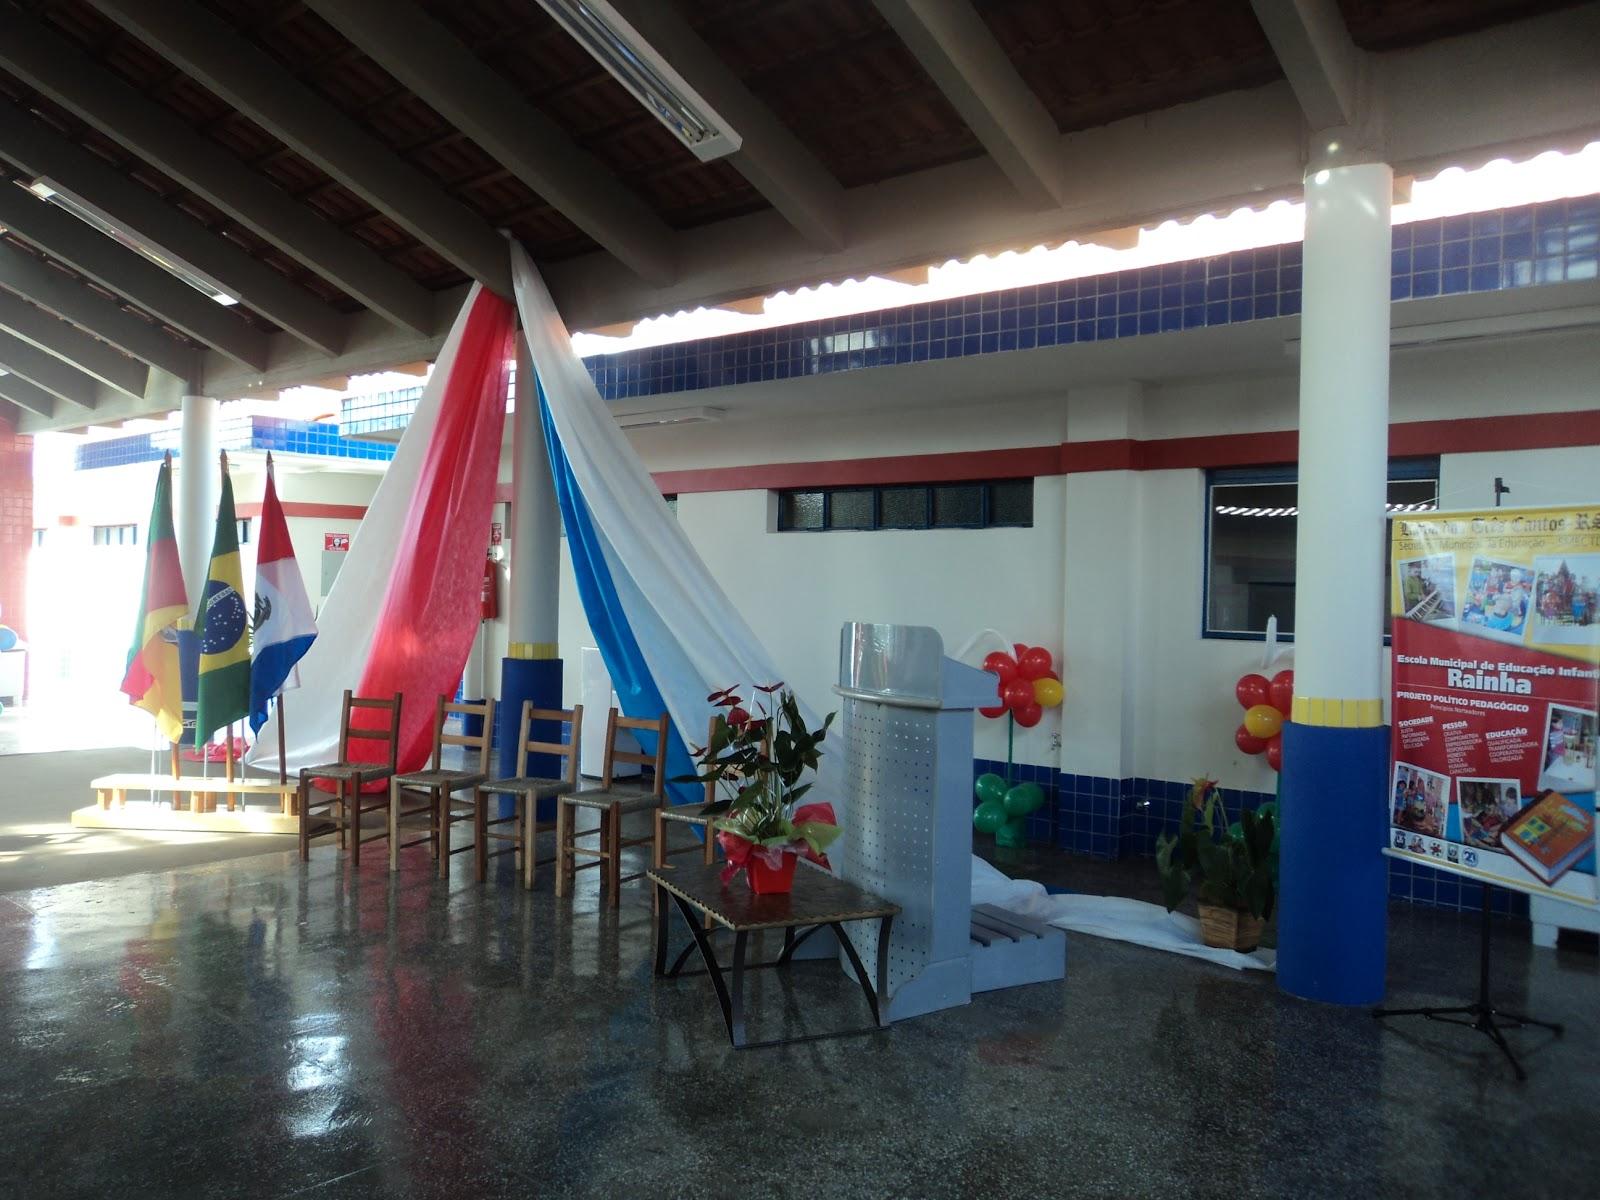 #223B62  projetos da Escola preparou o lanche na nova cozinha com auxilio da 1600x1200 px Projeto Cozinha Experimental Na Escola #2535 imagens